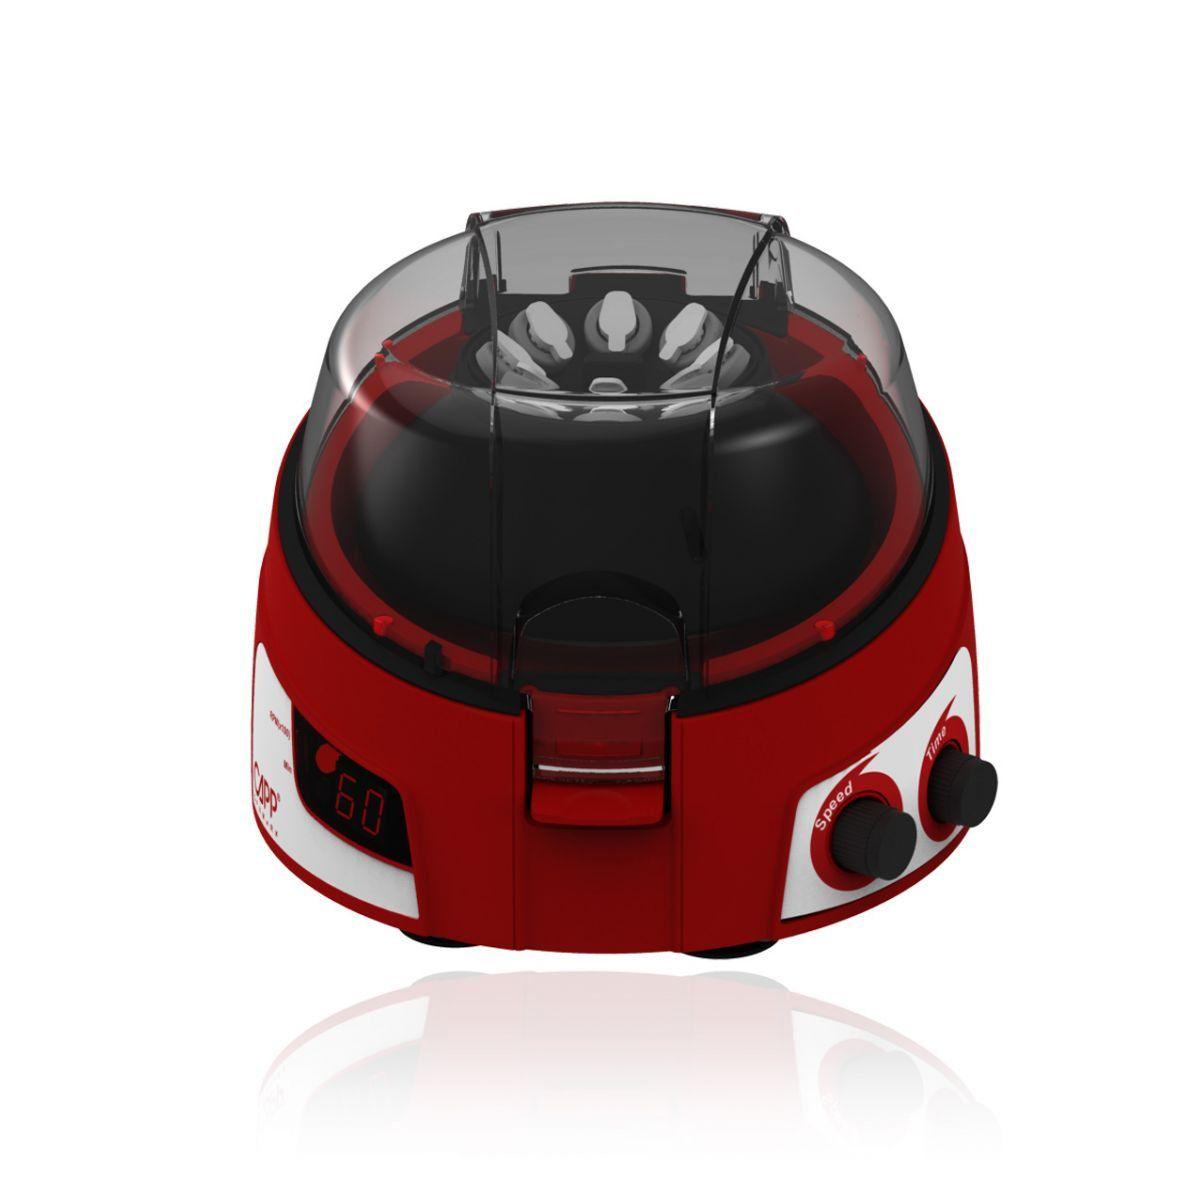 Microcentrífuga Capp Rondo 6.000 rpm com Velocidade Ajustável Capp